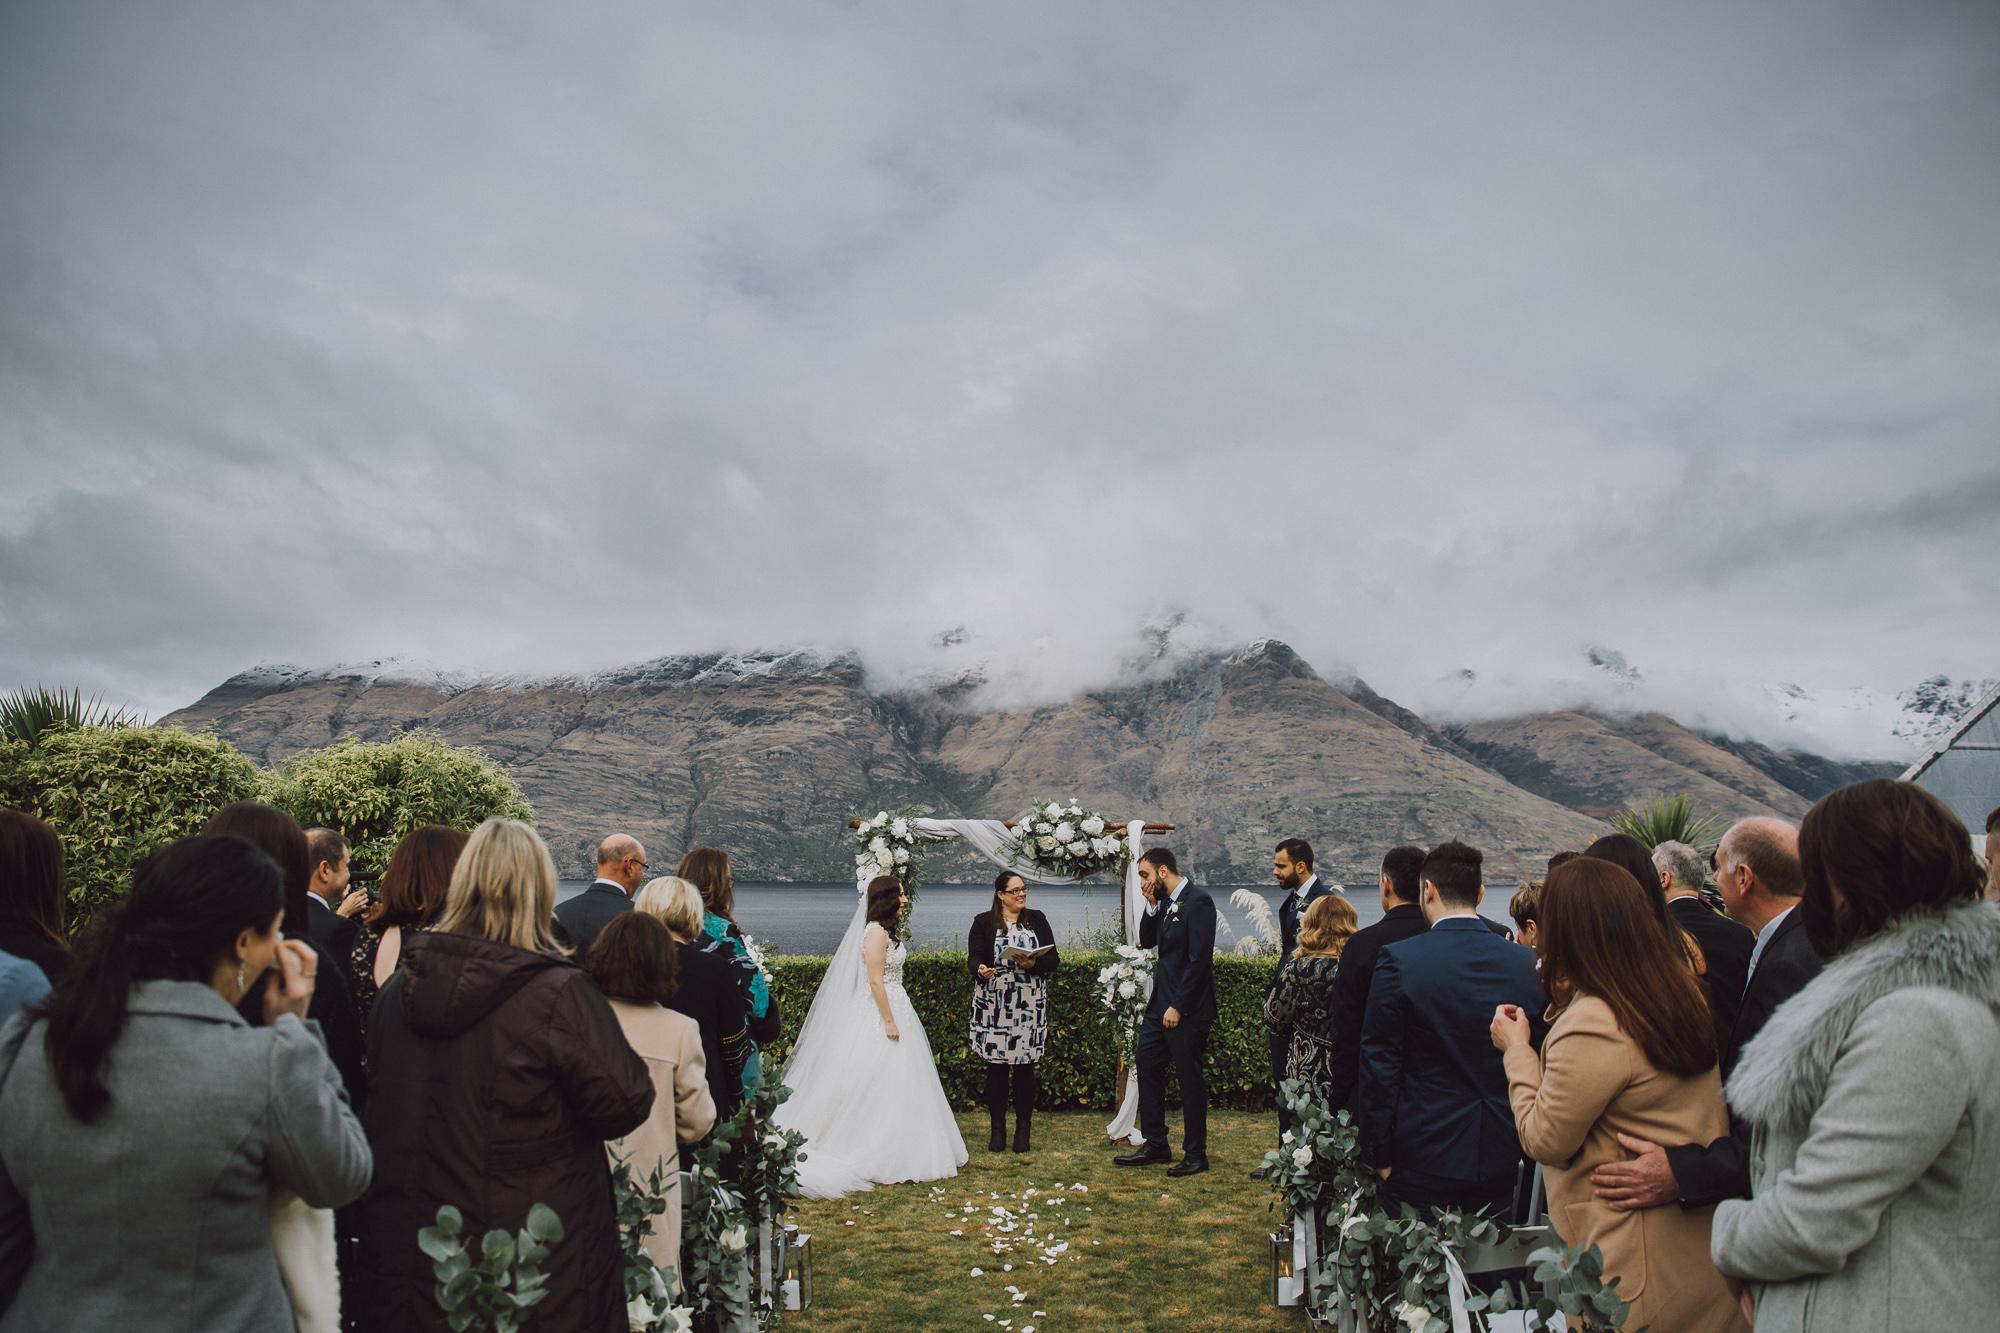 Winter wedding ceremony in Queenstown NZ